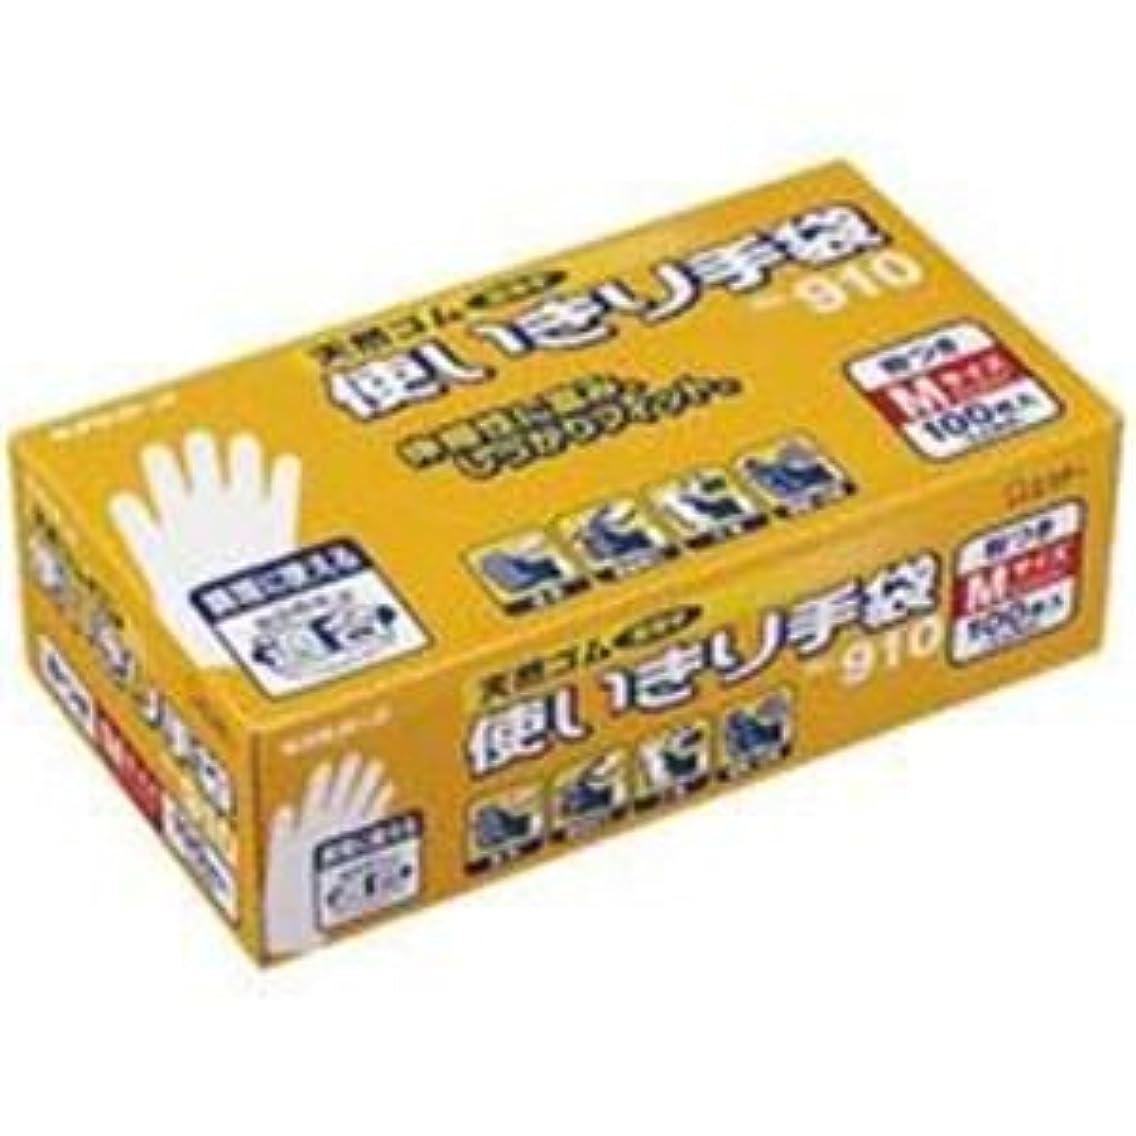 買い手味シェア(業務用3セット)エステー 天然ゴム使い切り手袋/作業用手袋 【No.910/L 1箱】 [簡易パッケージ品]